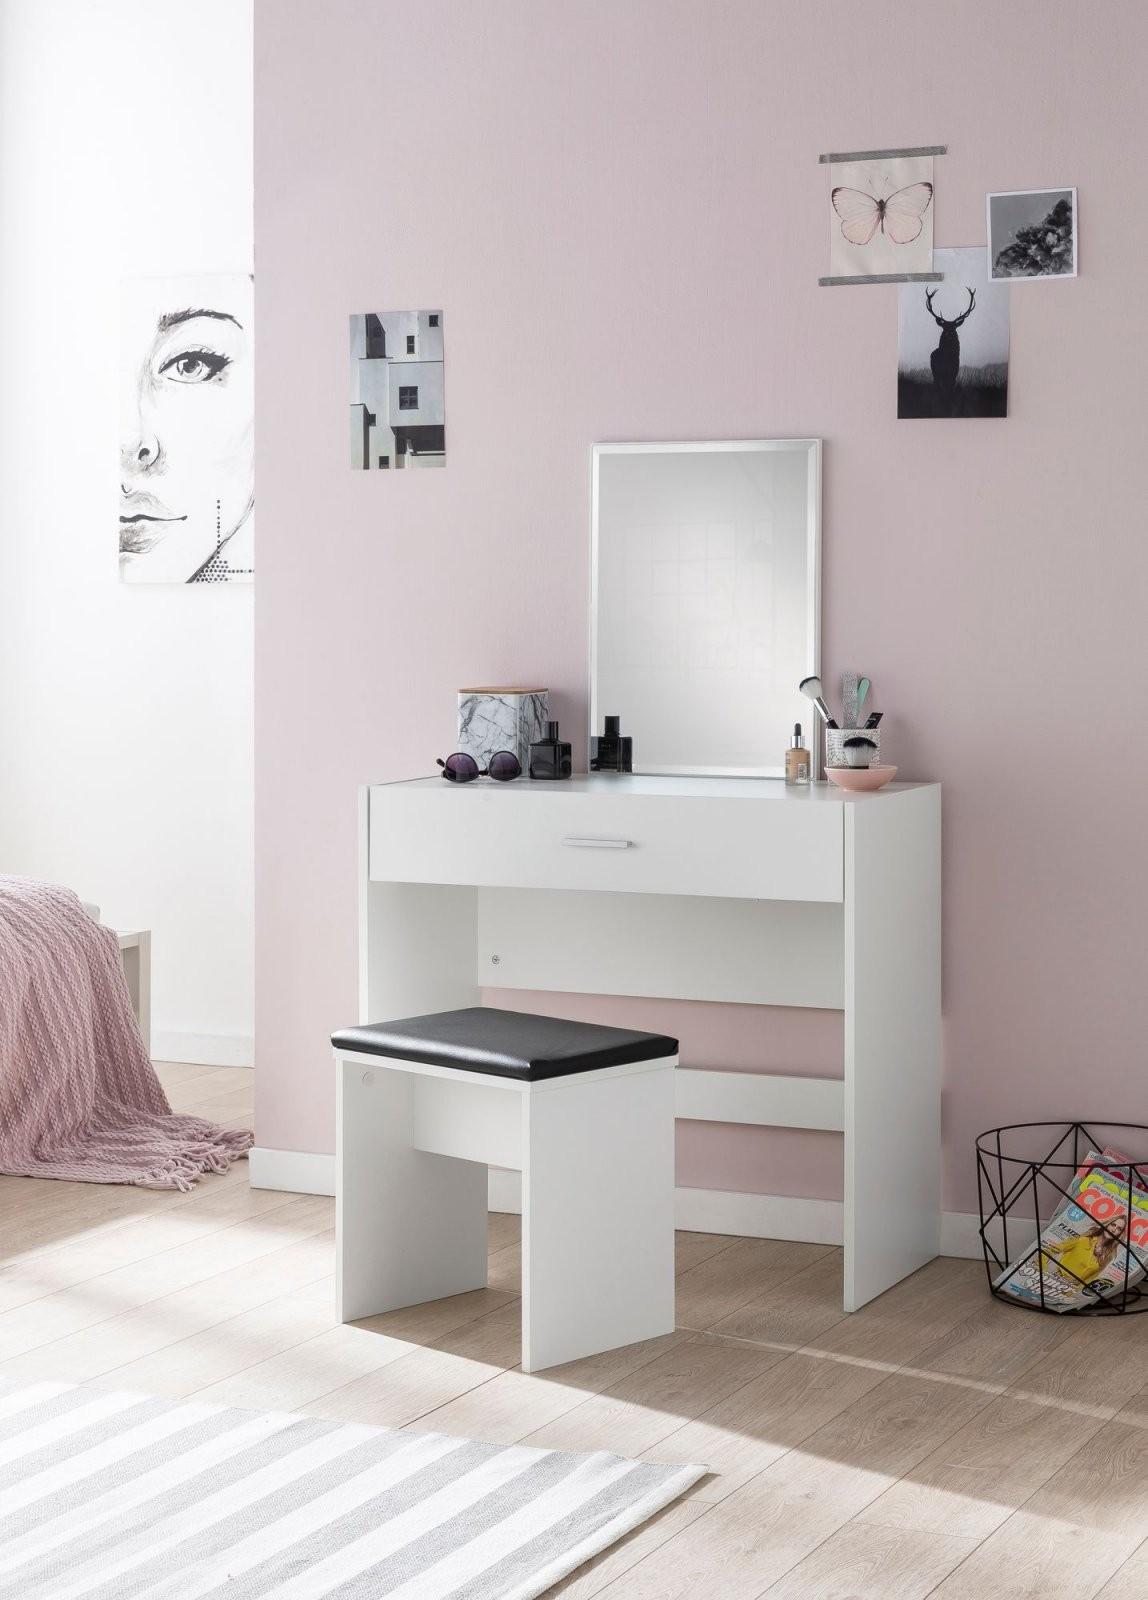 Finebuy Schminktisch Mit Spiegel Und Hocker 81 X 131 X 39 Cm Weiß von Schminktisch Modern Mit Spiegel Bild